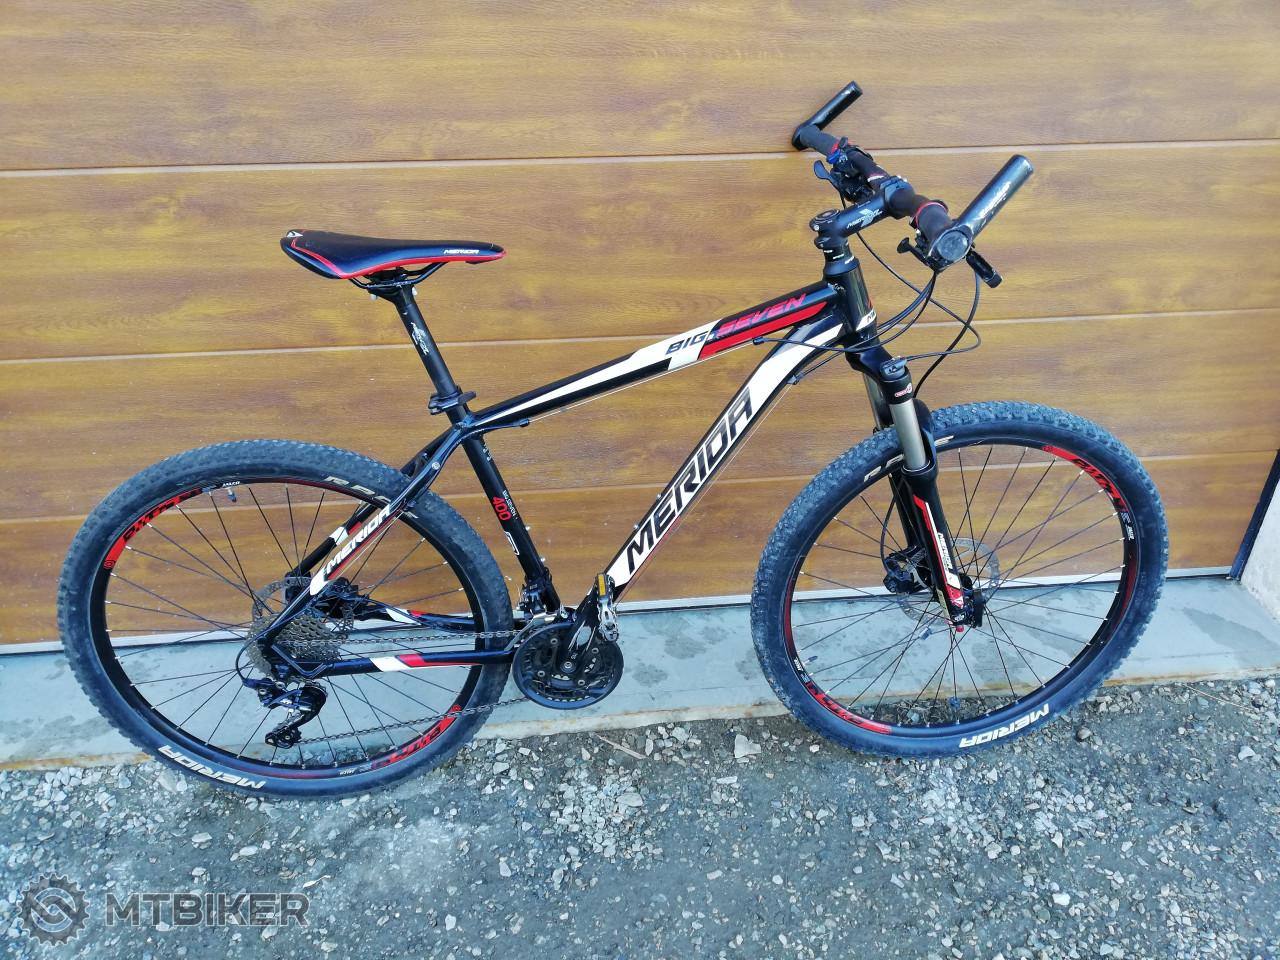 d9d8c9a0aa2d Predám Bicykel Merida Big.seven 400 2015 - Bicykle - Pevné a hardtail -  Bazár MTBIKER